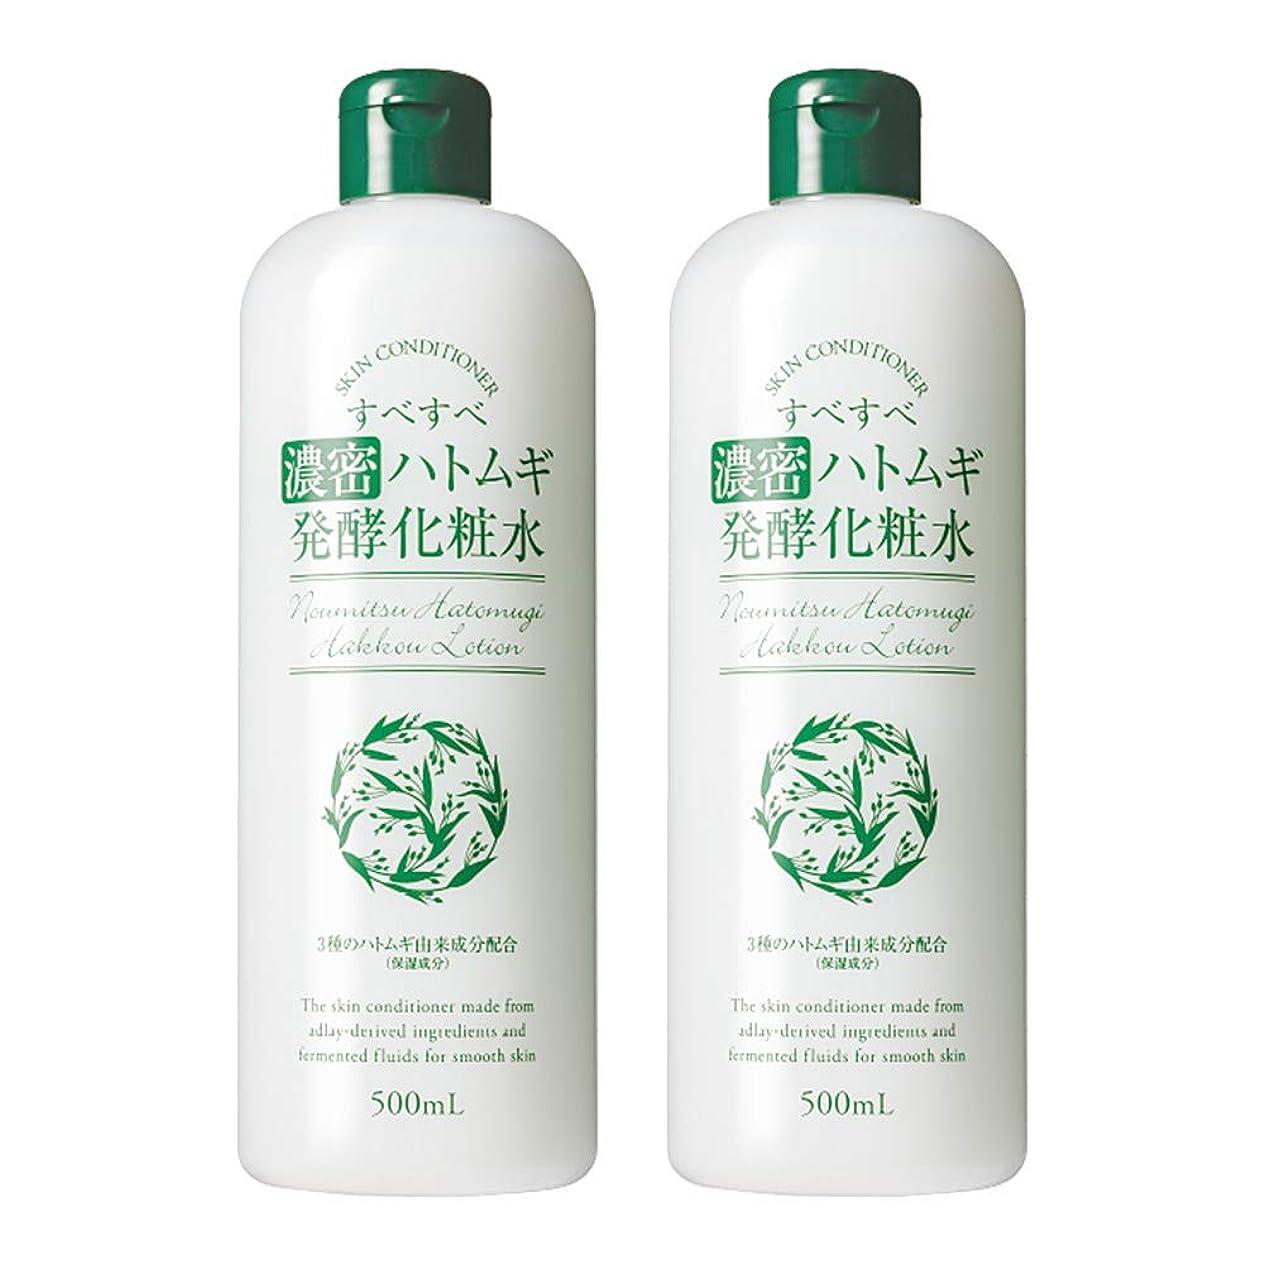 成果合図雑品すべすべ 濃密ハトムギ発酵化粧水 2本組 07318